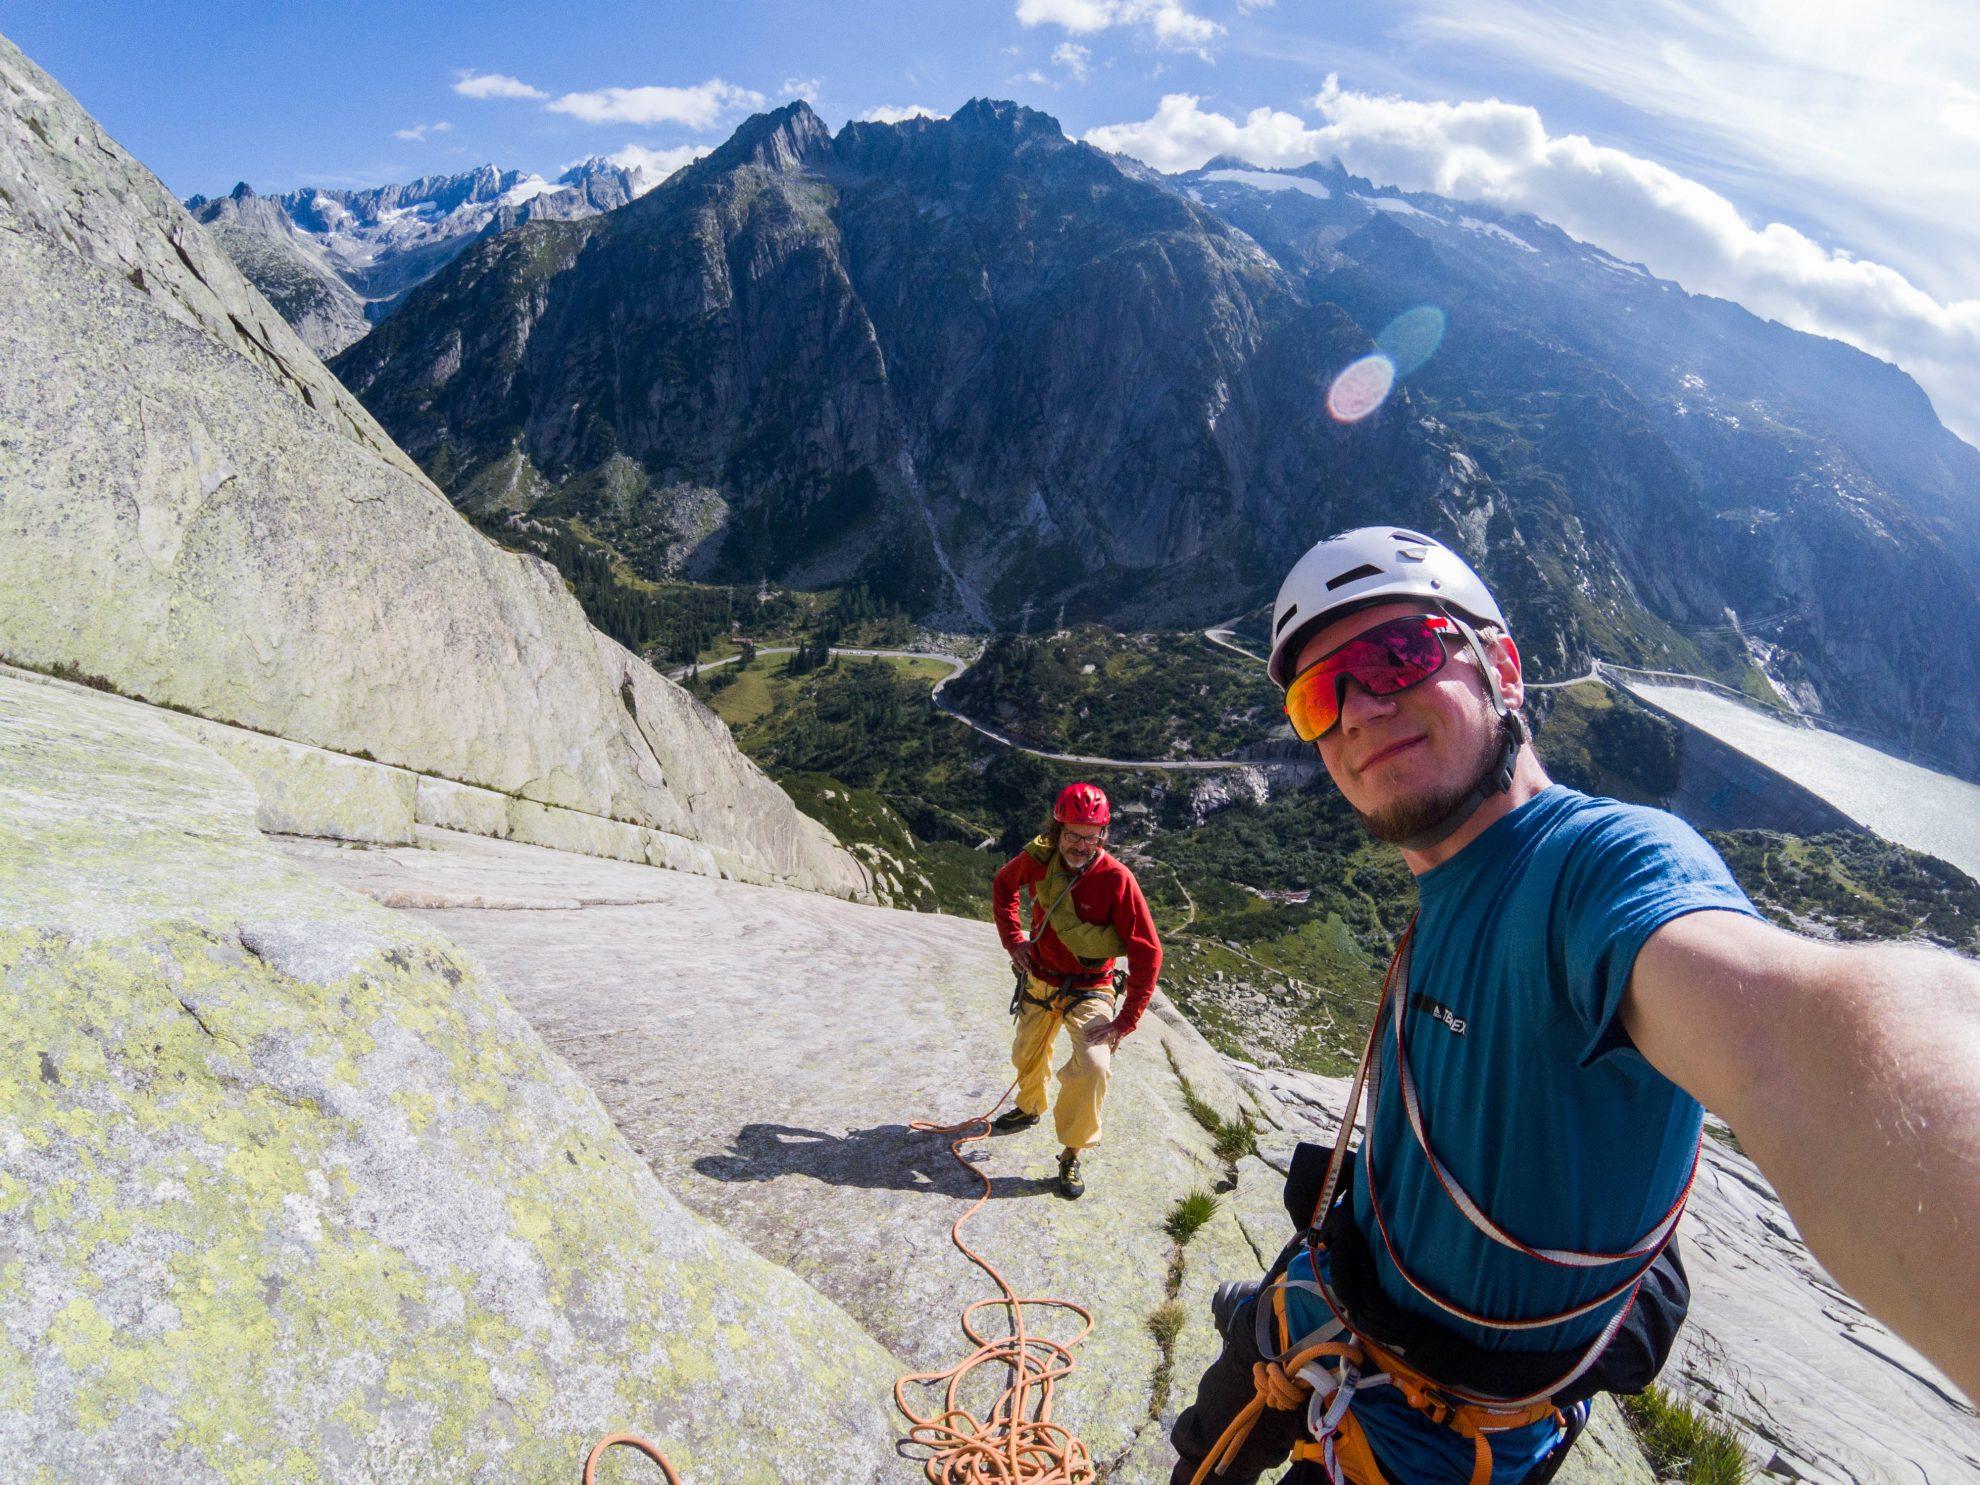 Kletterausrüstung Kaufen Schweiz : Klettern im schweizer granit volle platte adventure eu